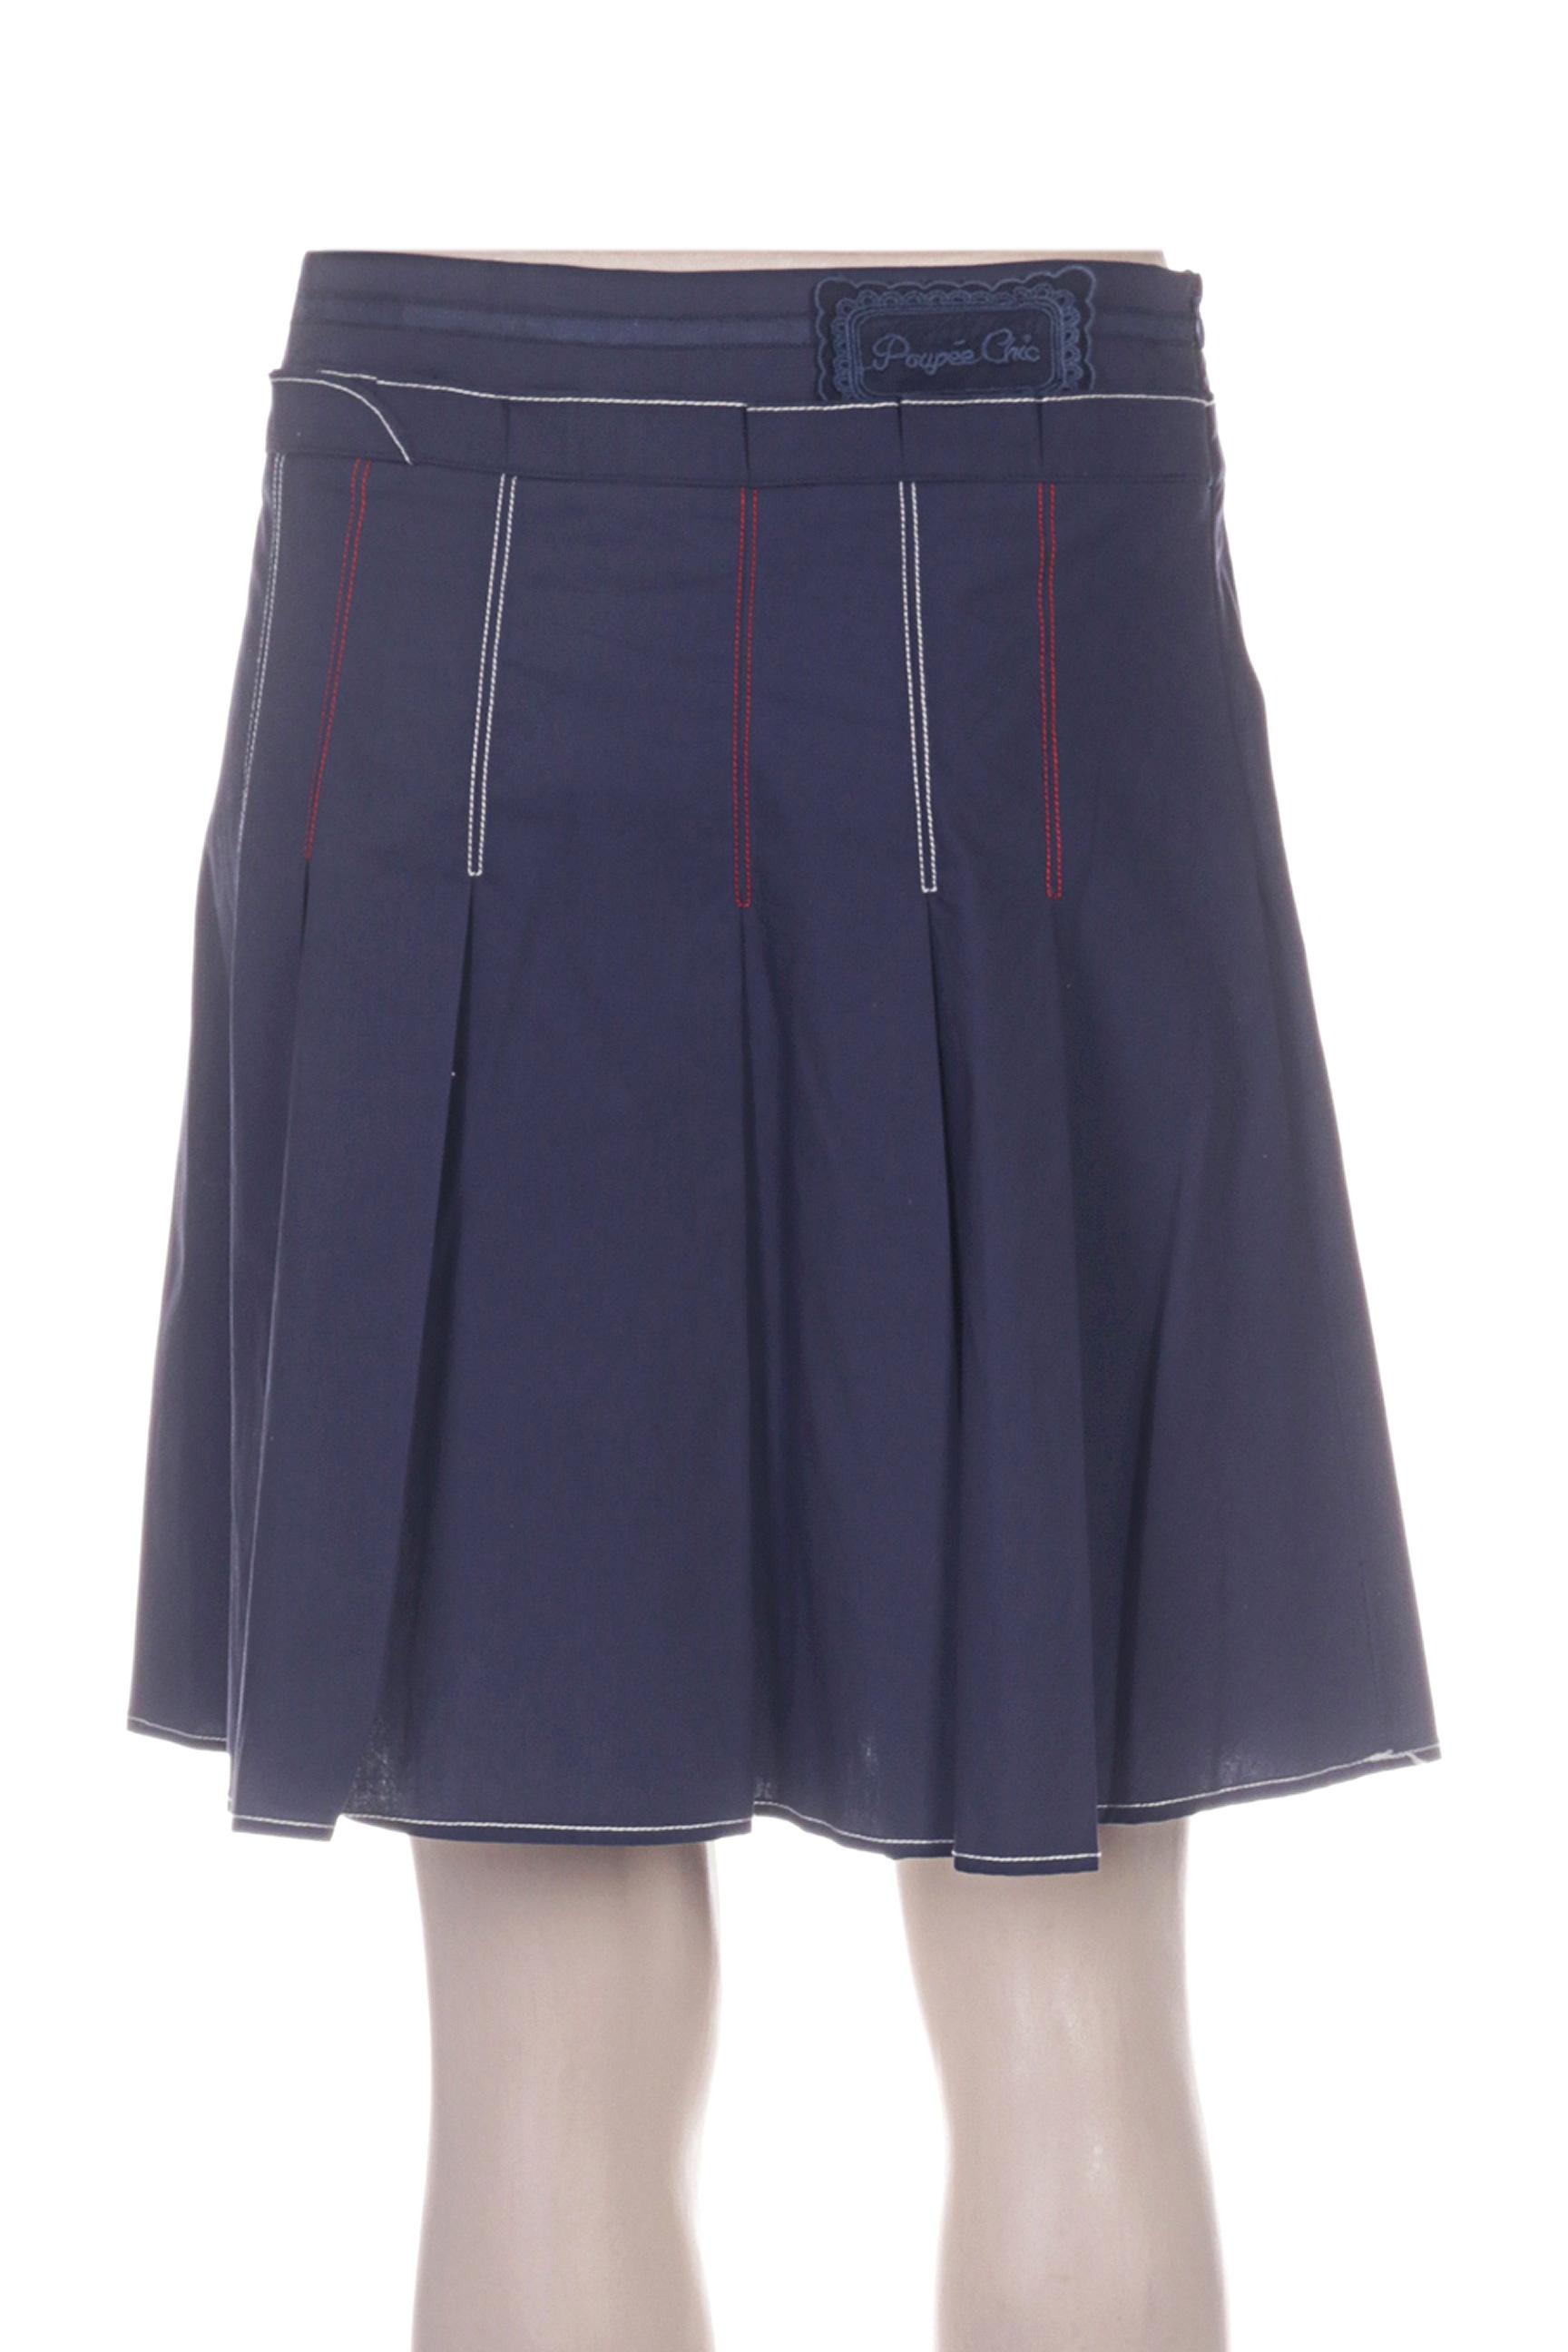 Poupee Chic Jupes Courtes Femme De Couleur Bleu En Soldes Pas Cher 1226334-bleu00